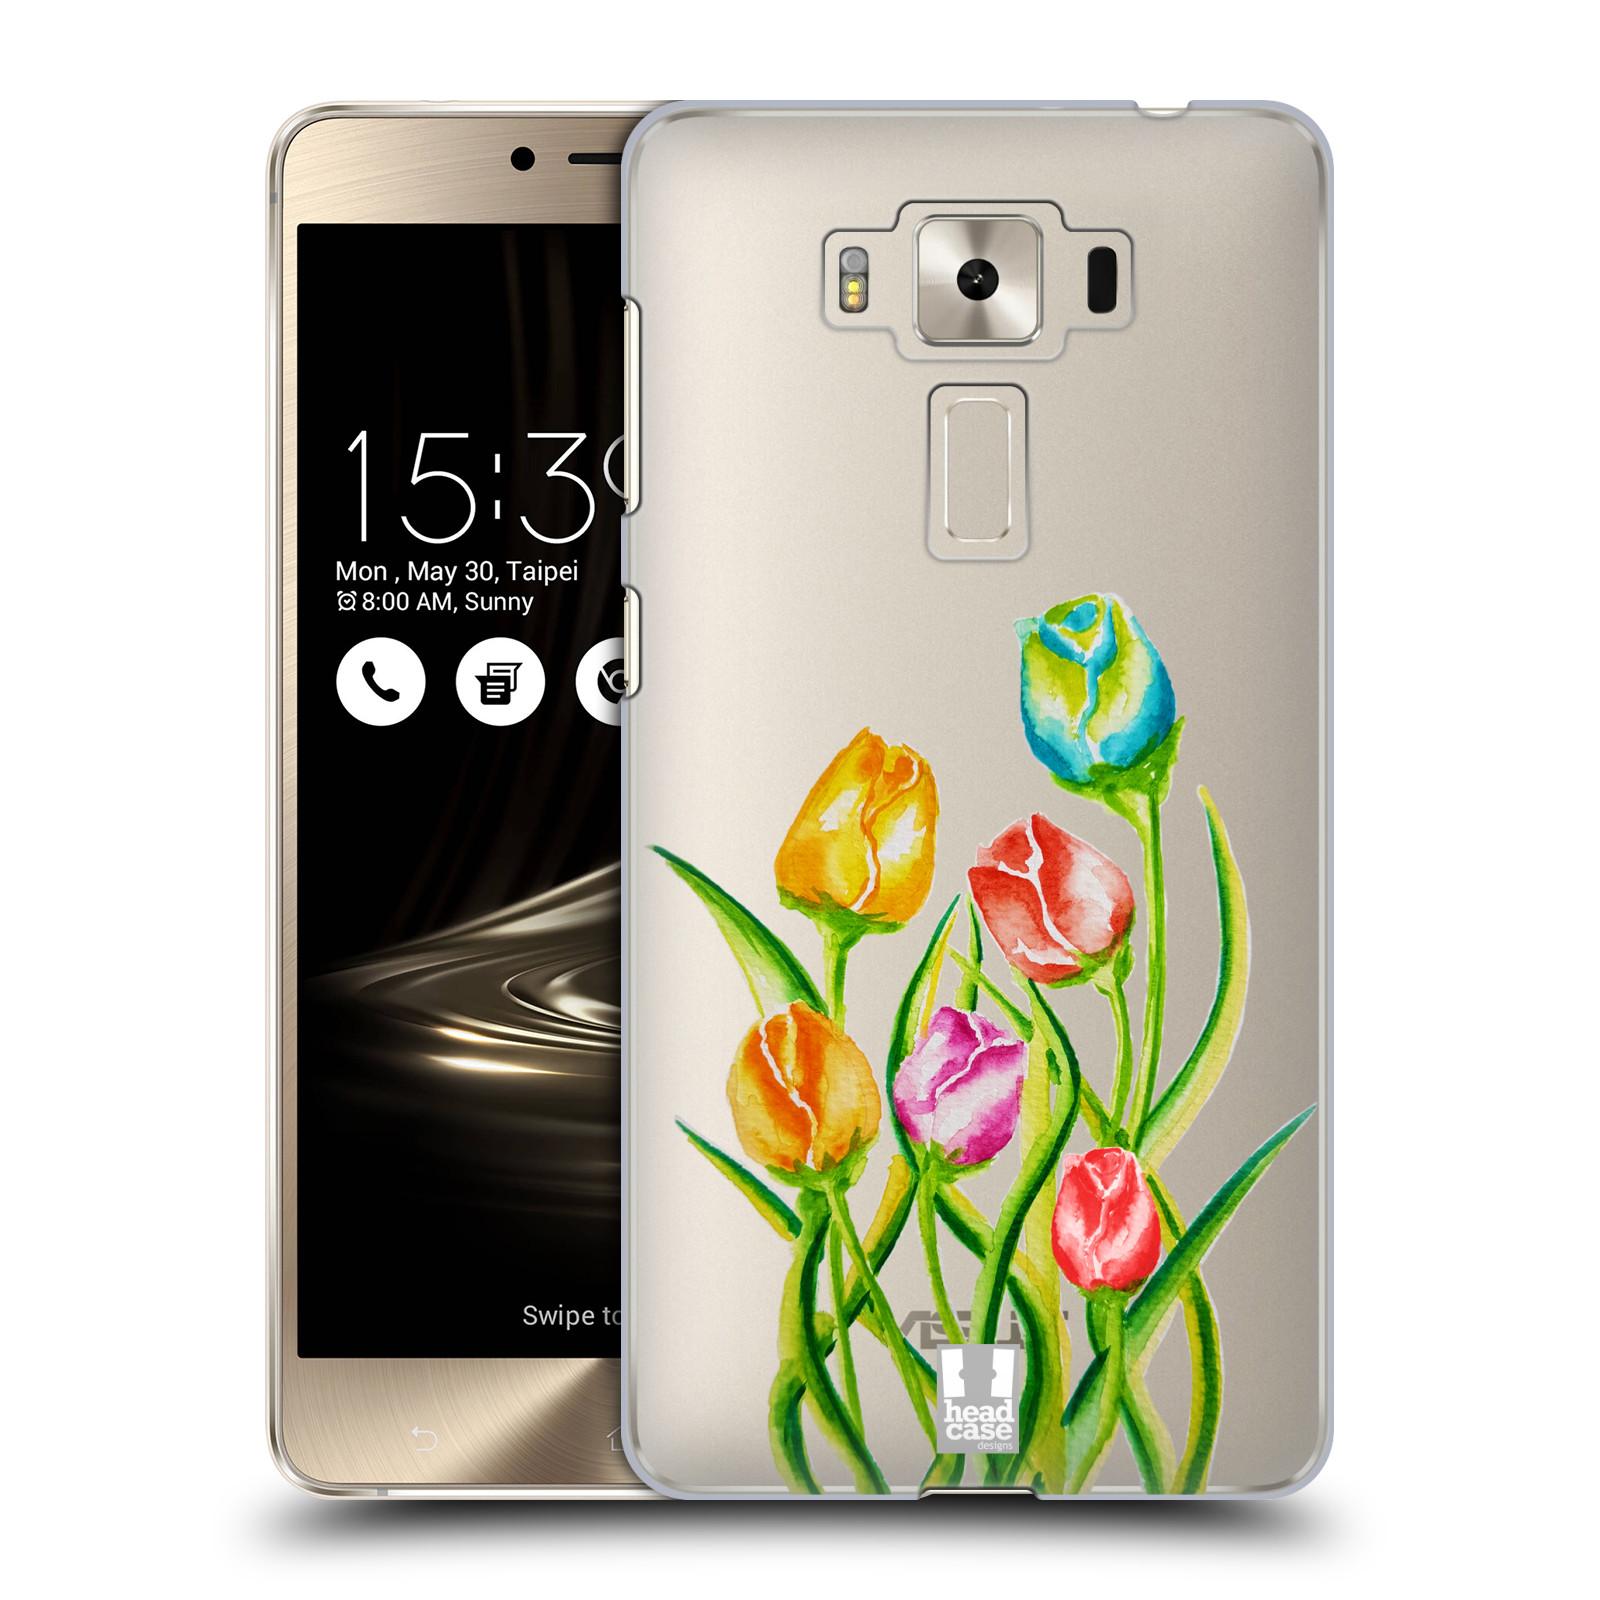 HEAD CASE plastový obal na mobil Asus Zenfone 3 DELUXE ZS550KL Květina Tulipán vodní barvy